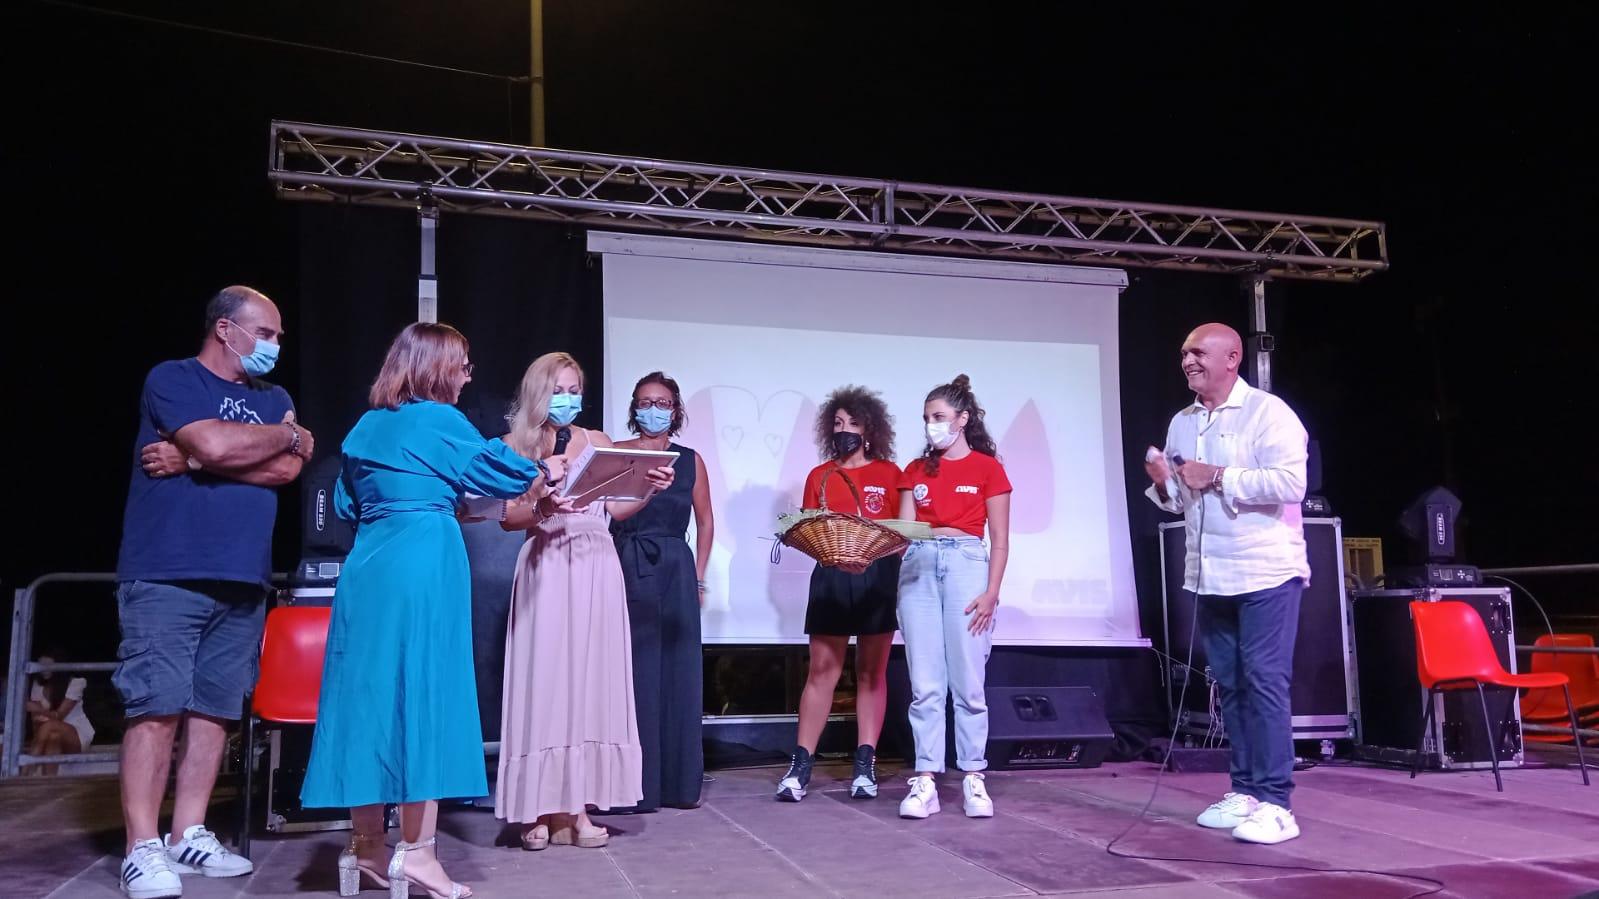 CalendAvis, celebrata in piazza Faro la serata dell'altruismo: il video